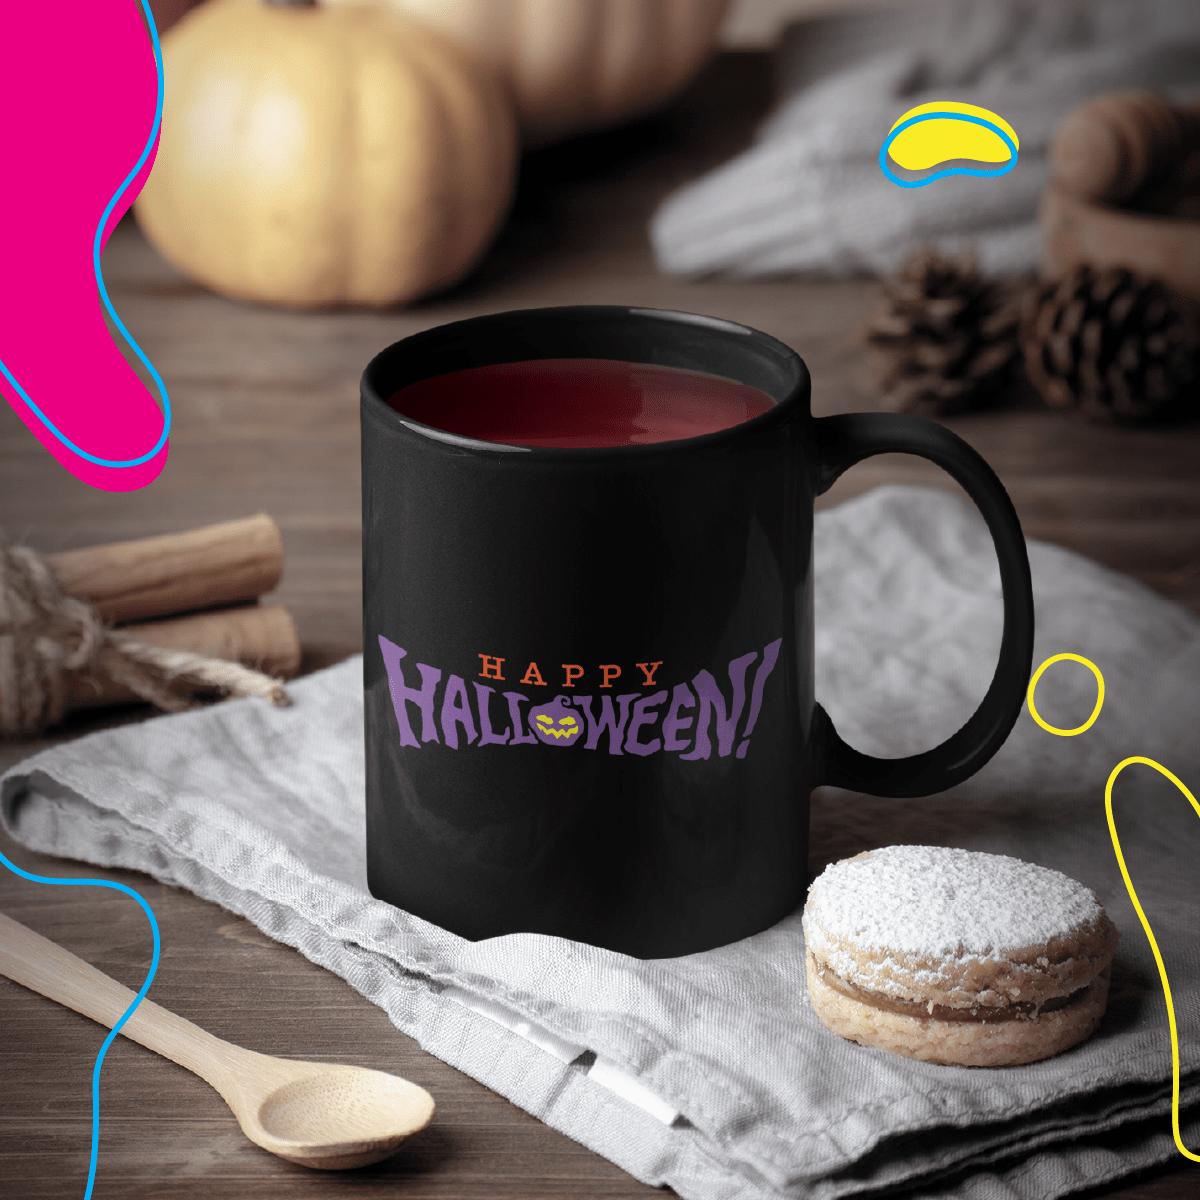 Print-on-demand mug with Halloween design